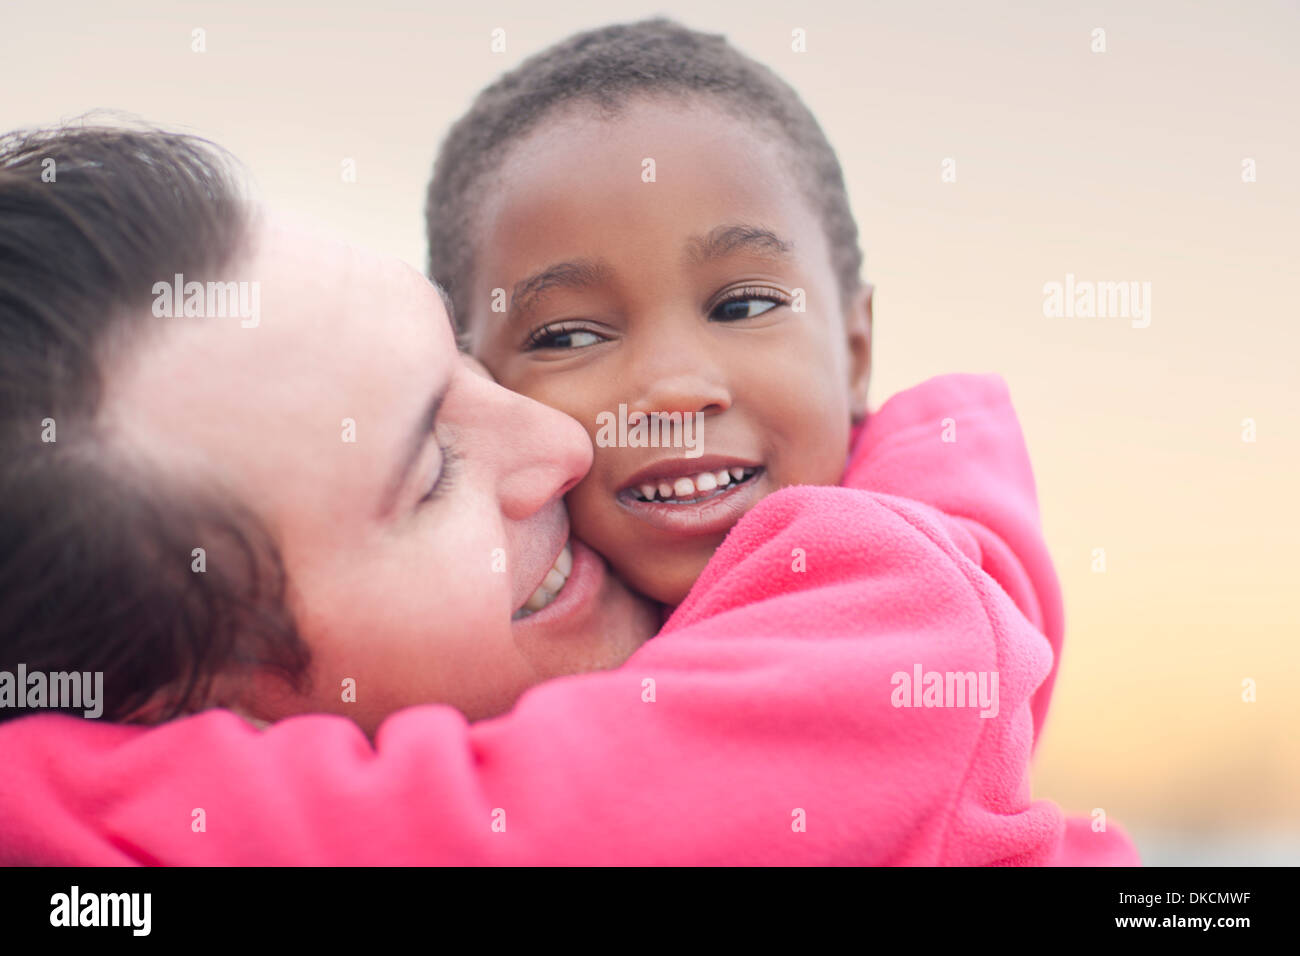 L'uomo abbracciando il bambino Immagini Stock